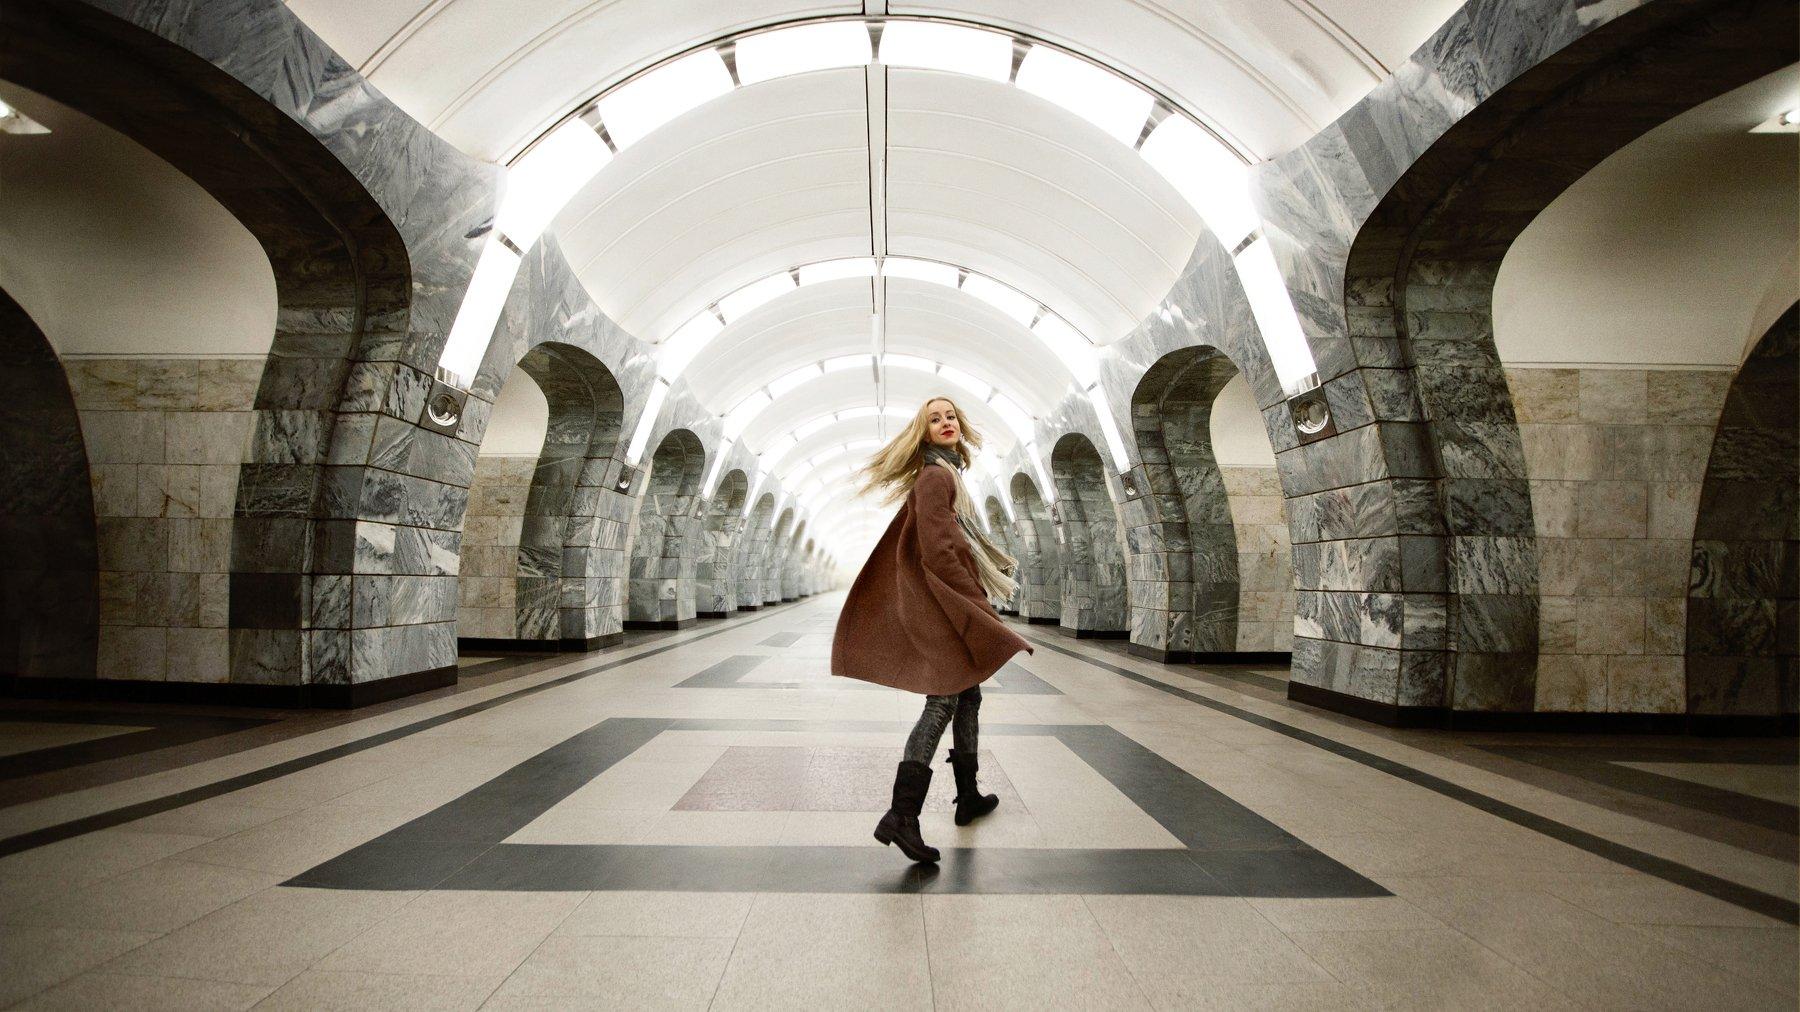 девушка, зима, Москва, метро,girl, winter, Moscow, Metro, Александра Маркварт